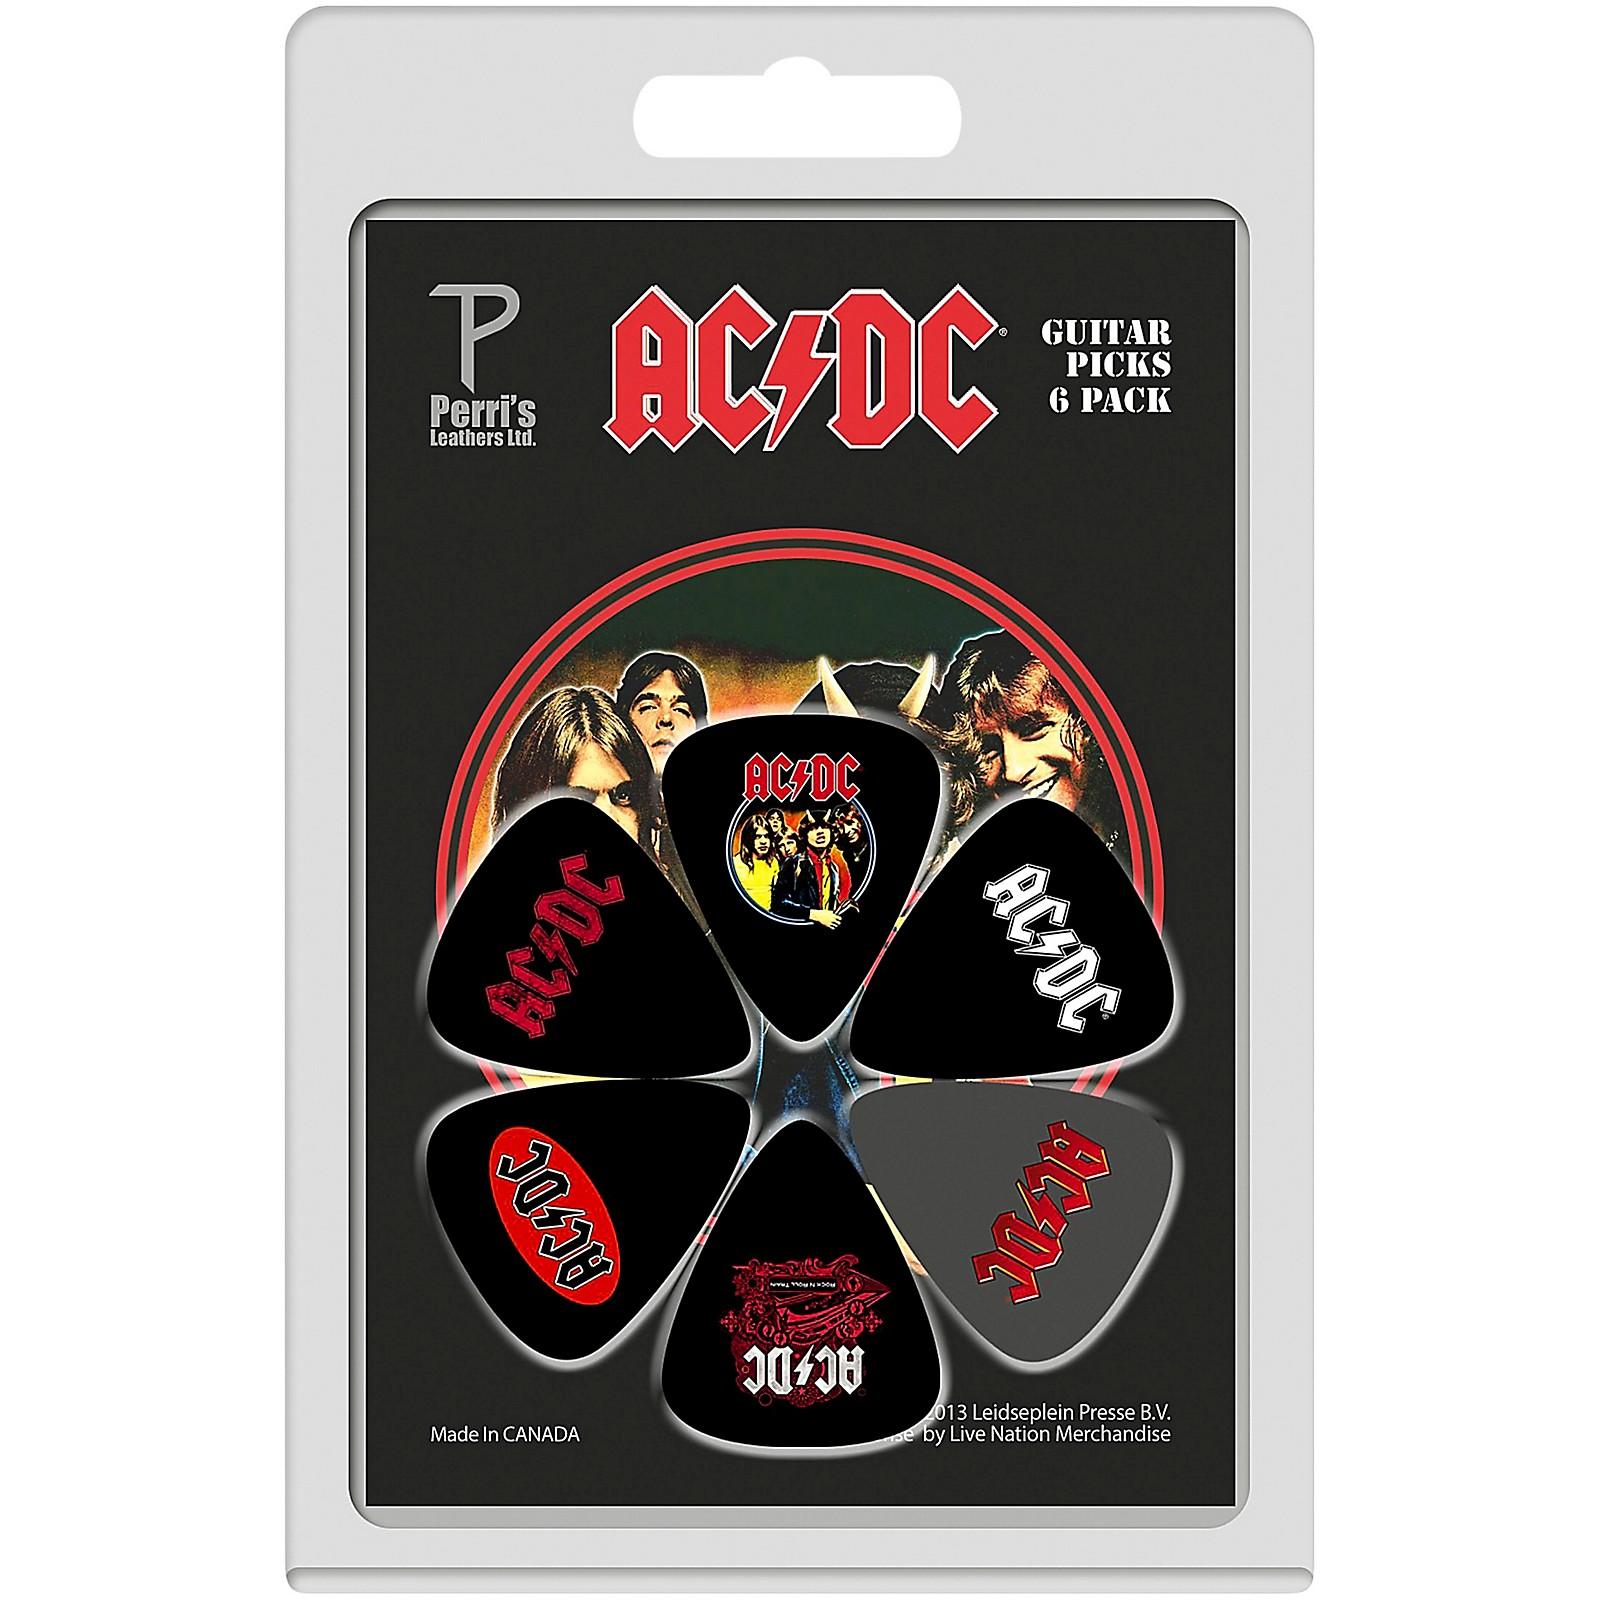 Perri's ACDC Guitar Pick 6-Pack